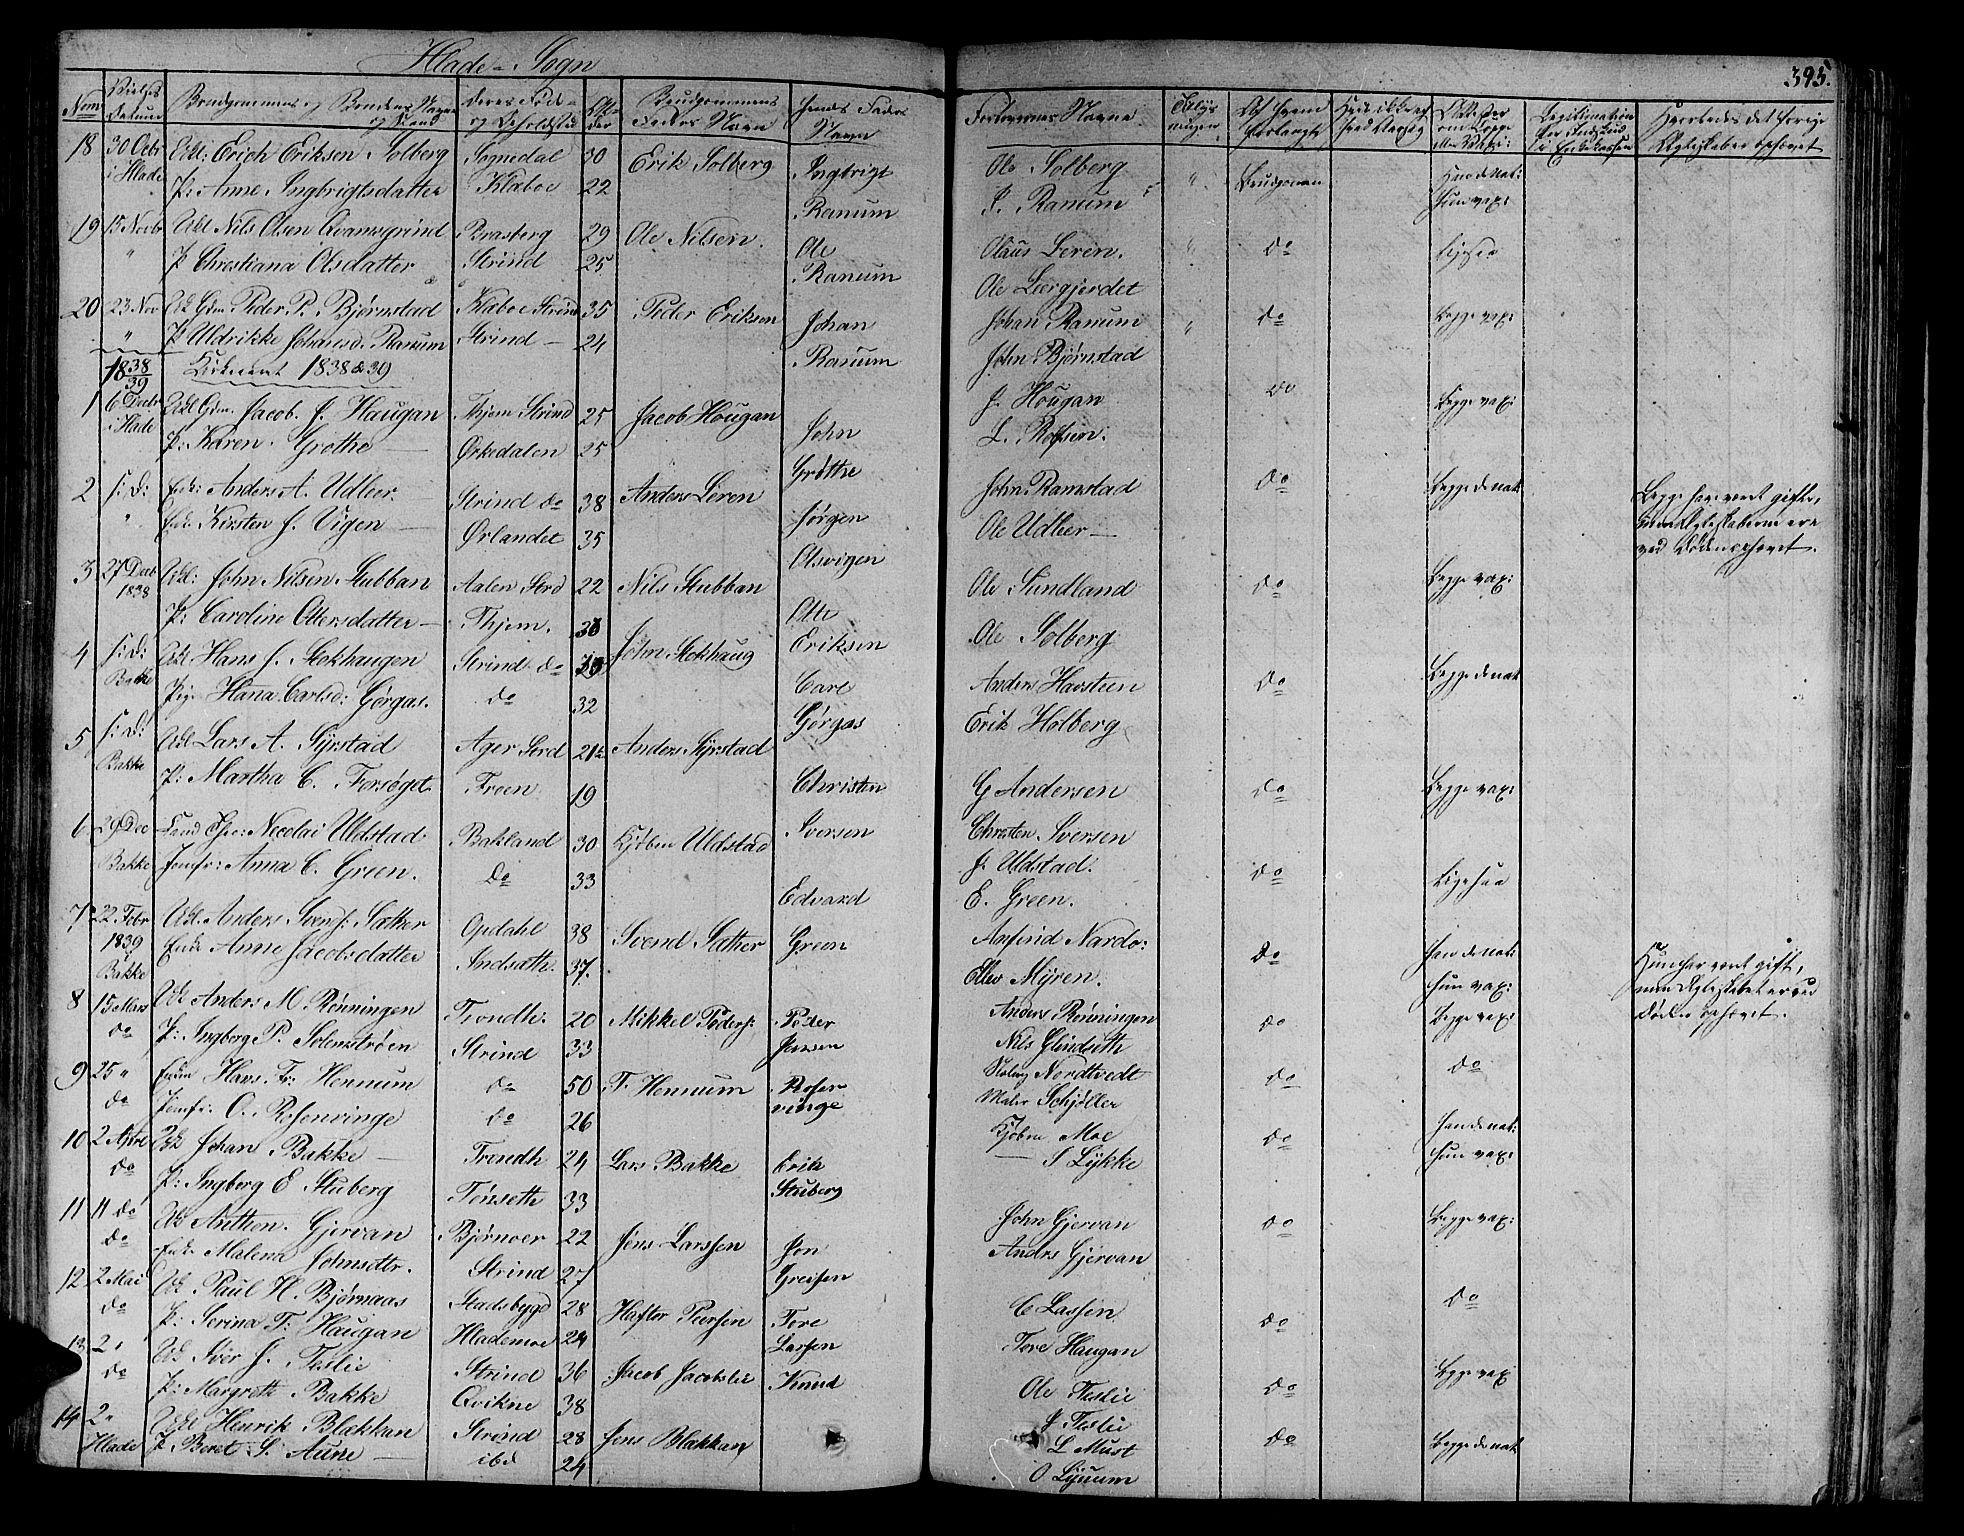 SAT, Ministerialprotokoller, klokkerbøker og fødselsregistre - Sør-Trøndelag, 606/L0286: Ministerialbok nr. 606A04 /1, 1823-1840, s. 395